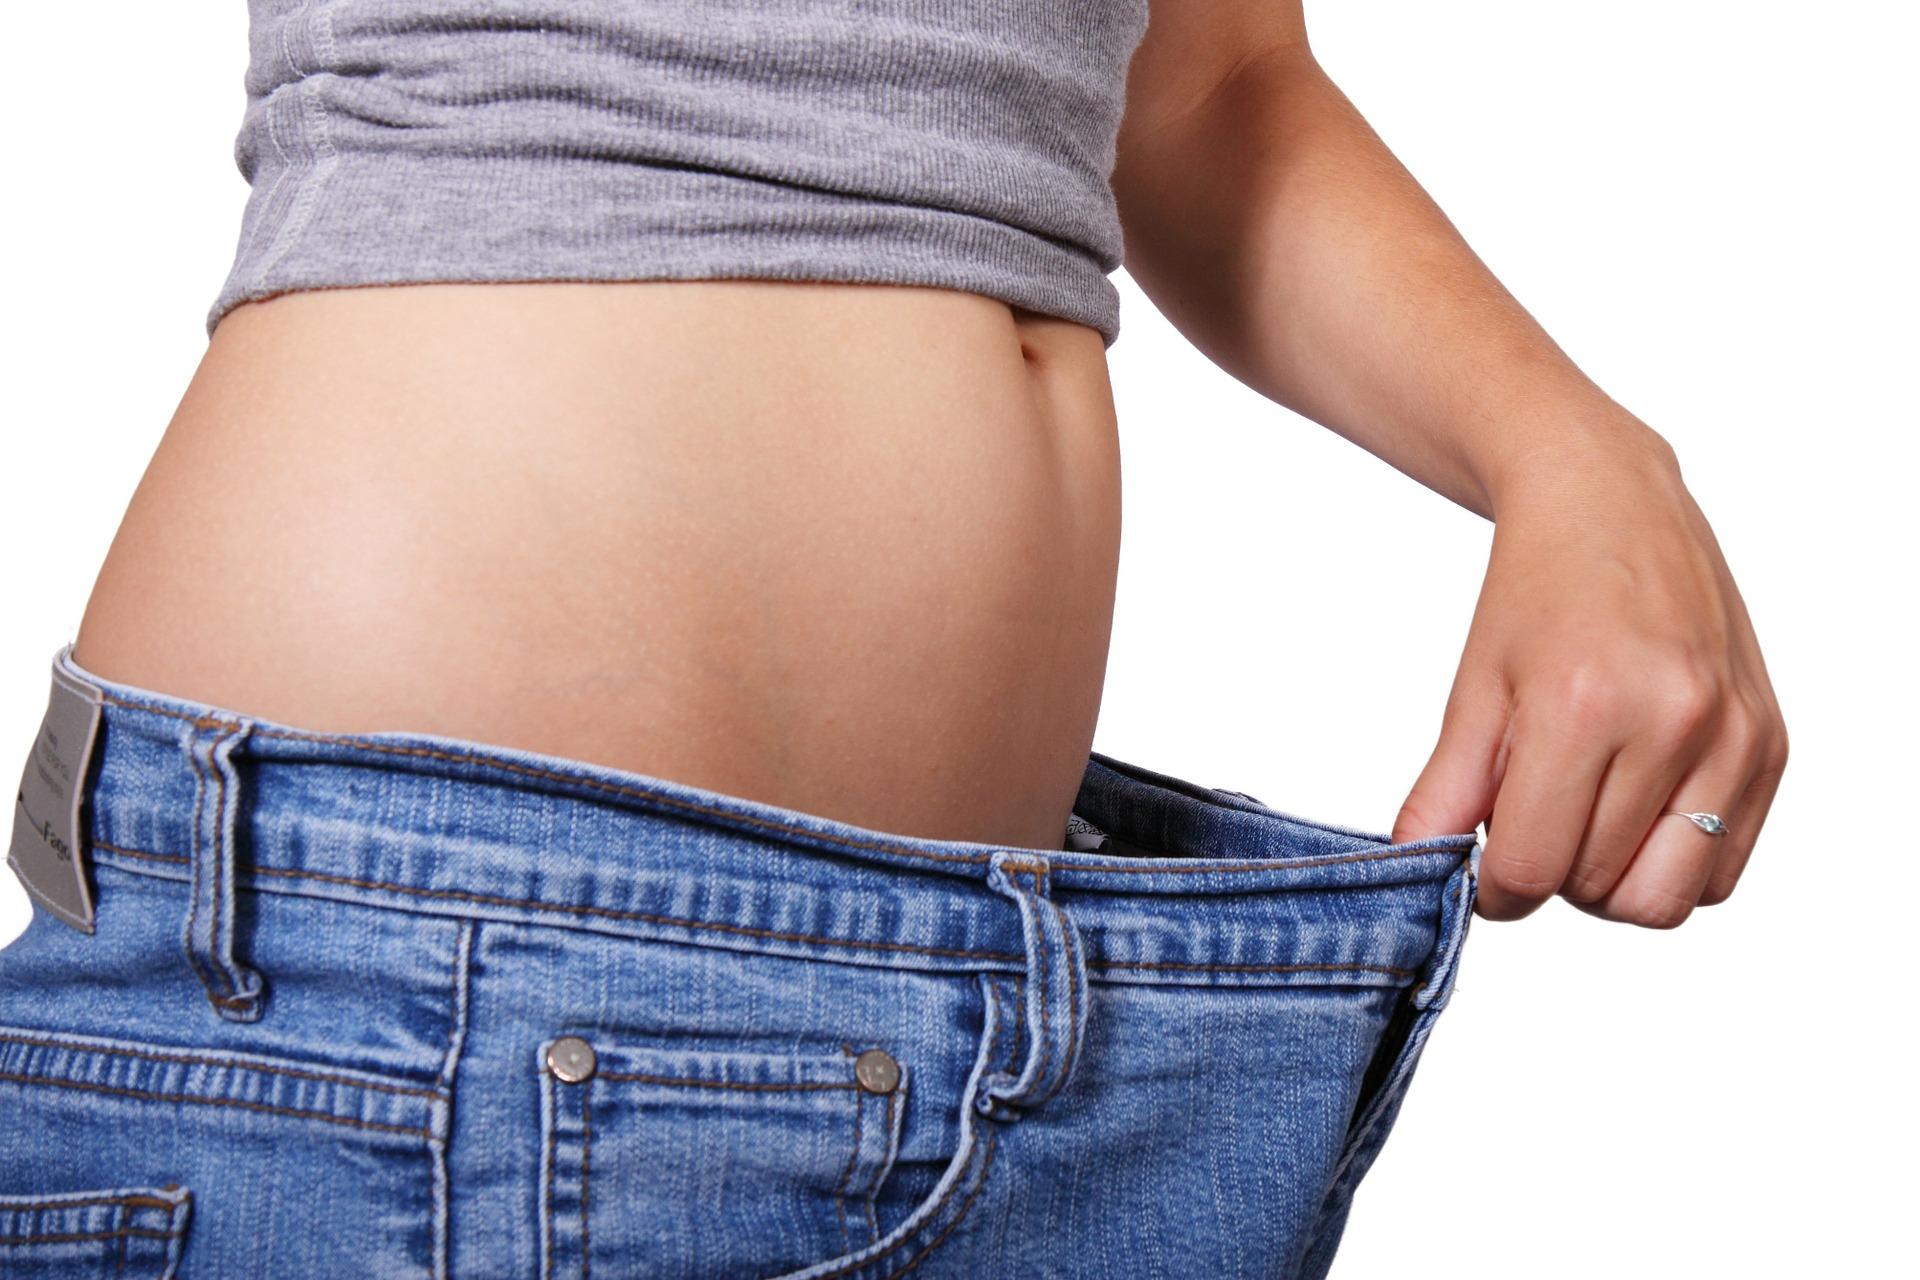 Bauchweggürtel gesunde Ernährung